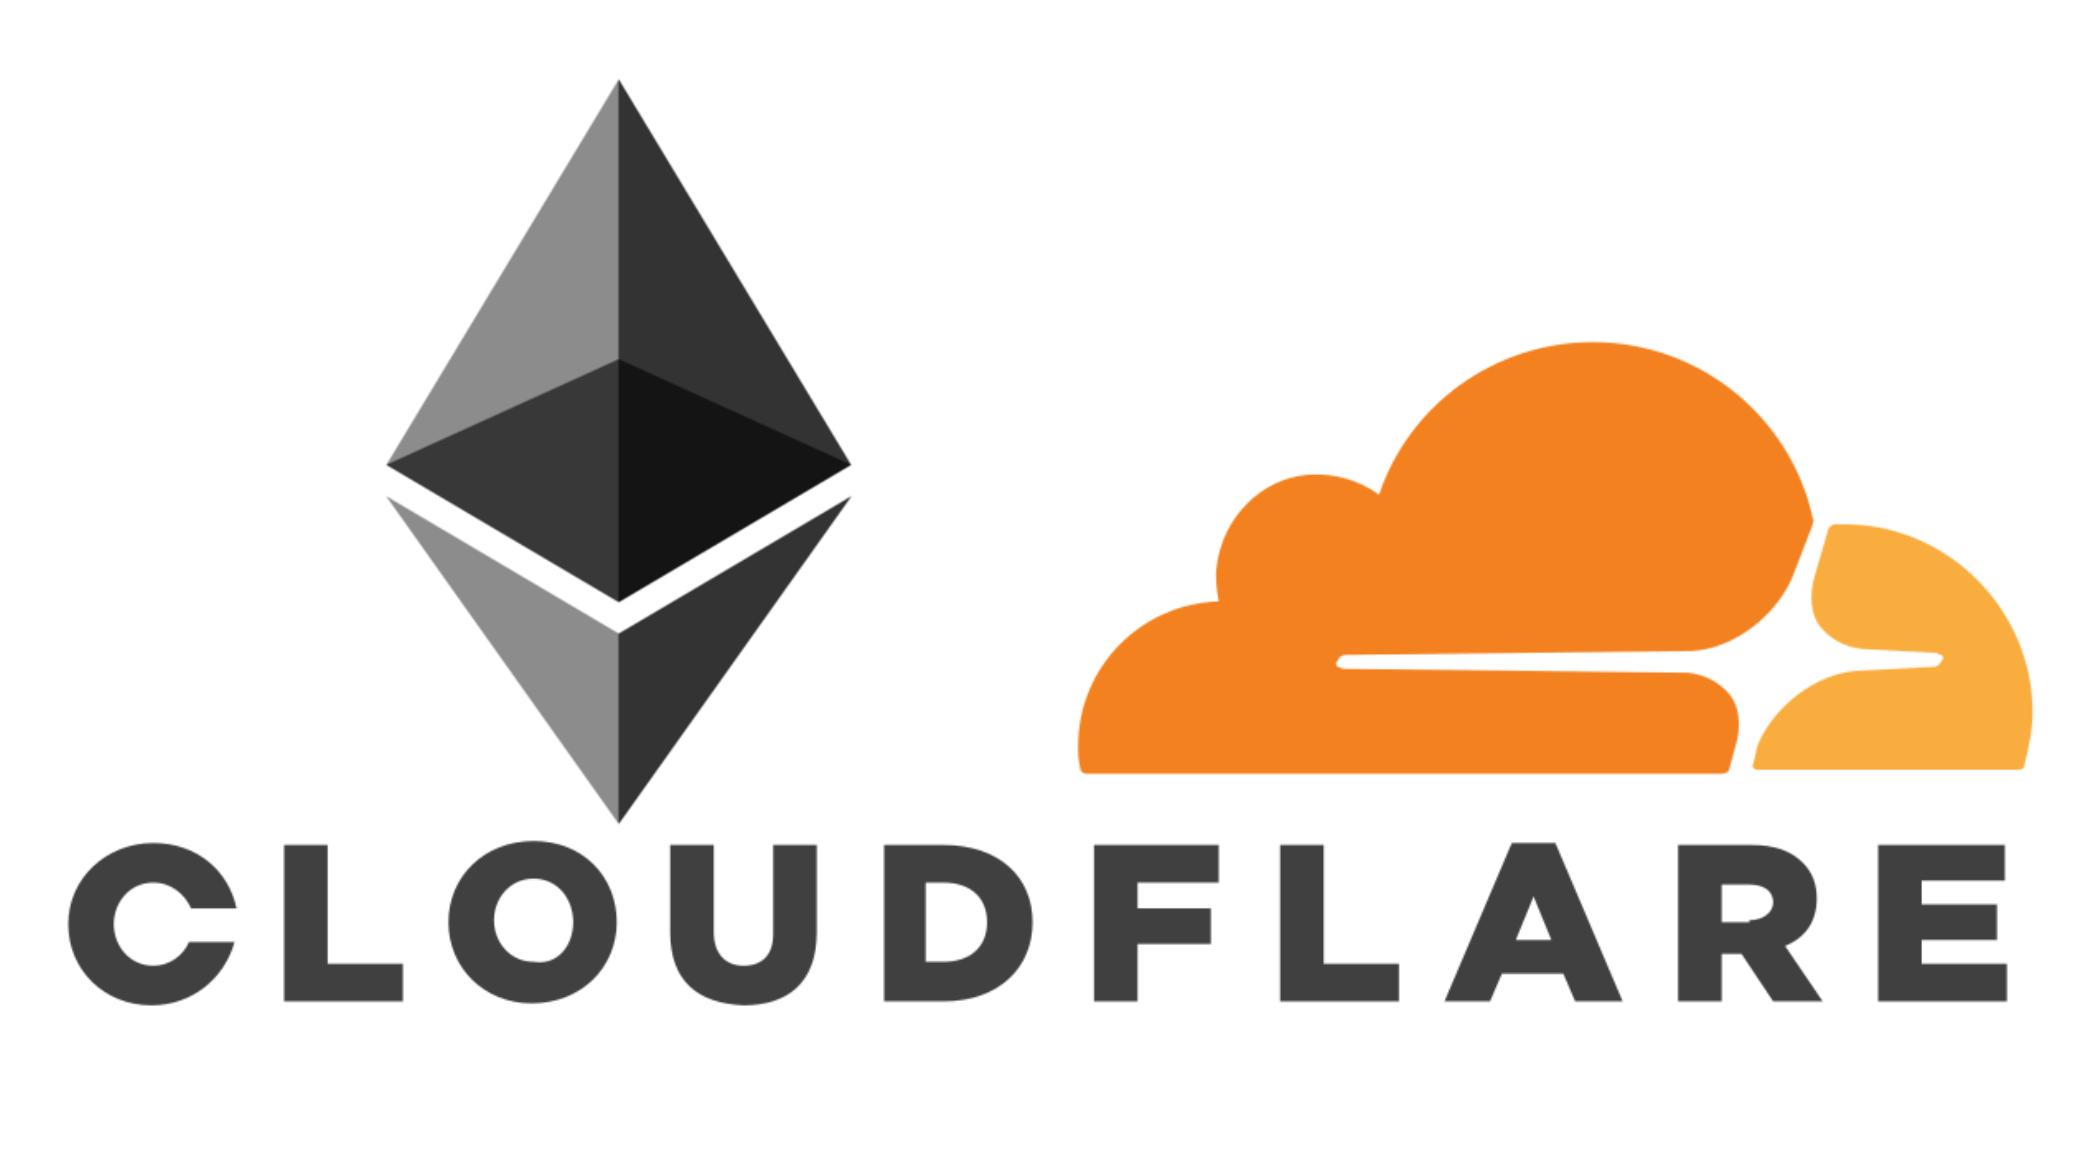 Cloudflare ethereum